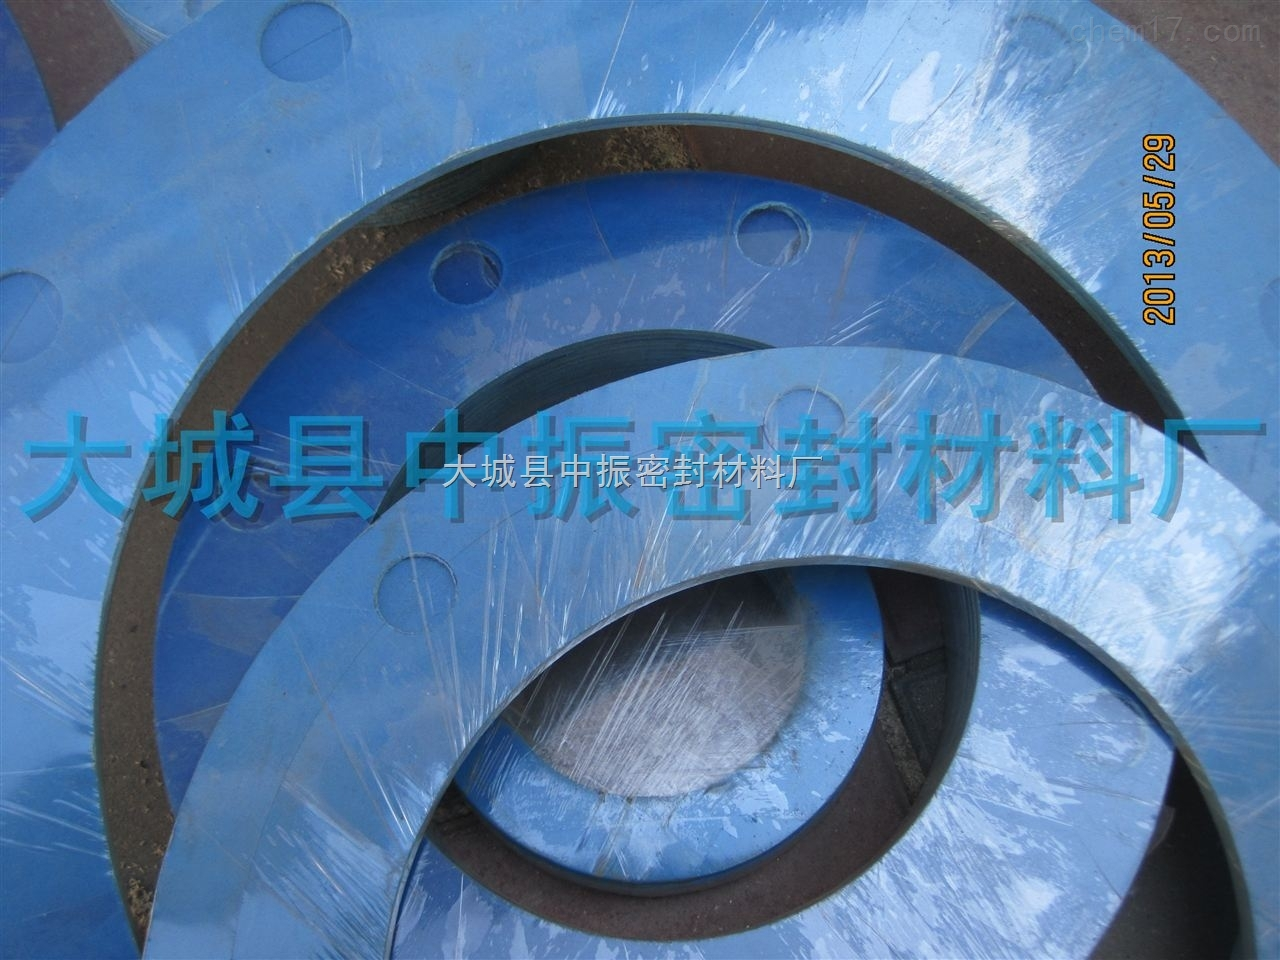 潮州、揭阳无石棉纤维橡胶垫片厂家,无毒环保